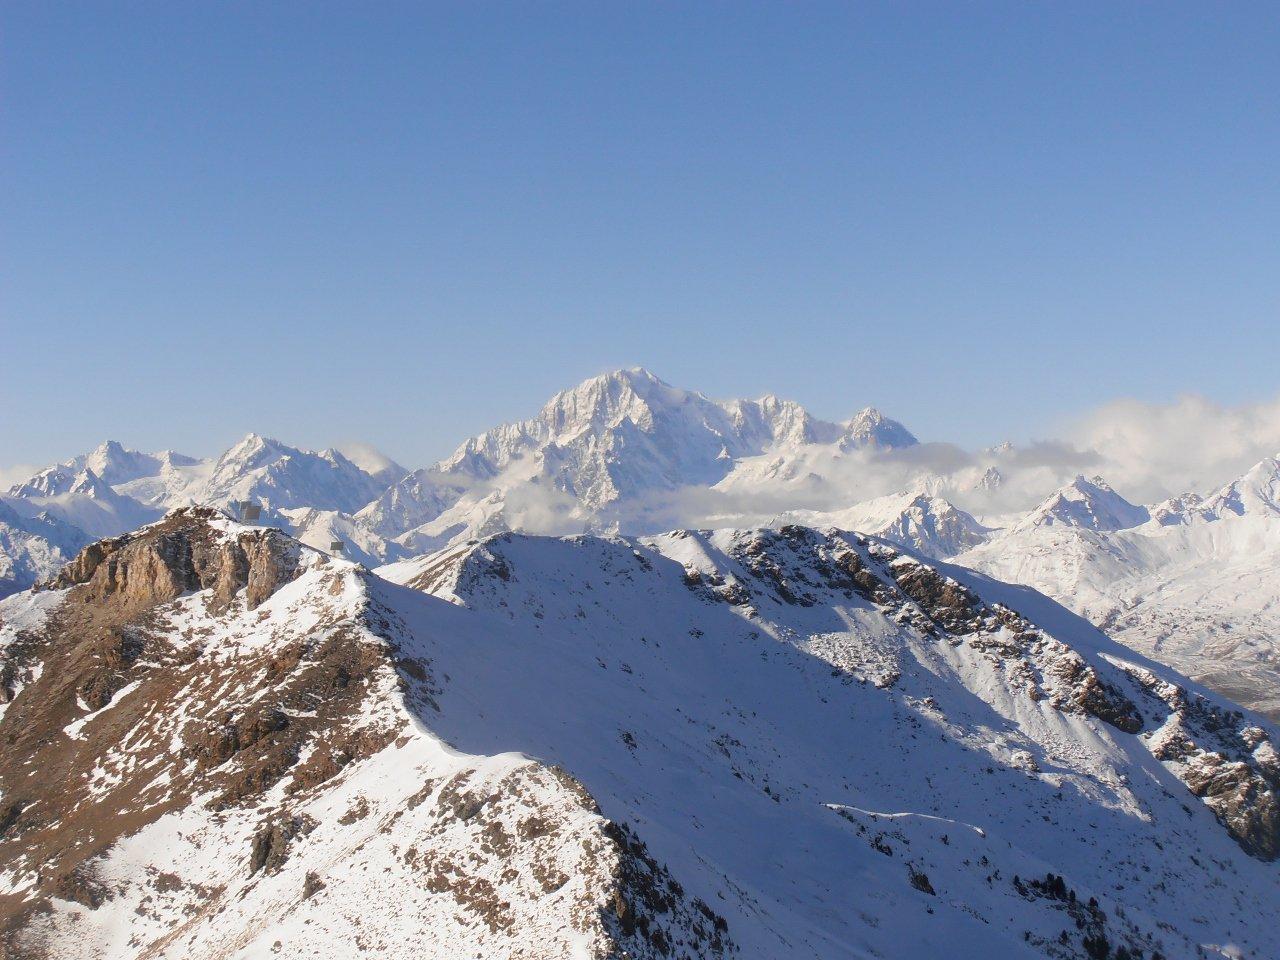 Vista sul Monte Bianco dalla cima